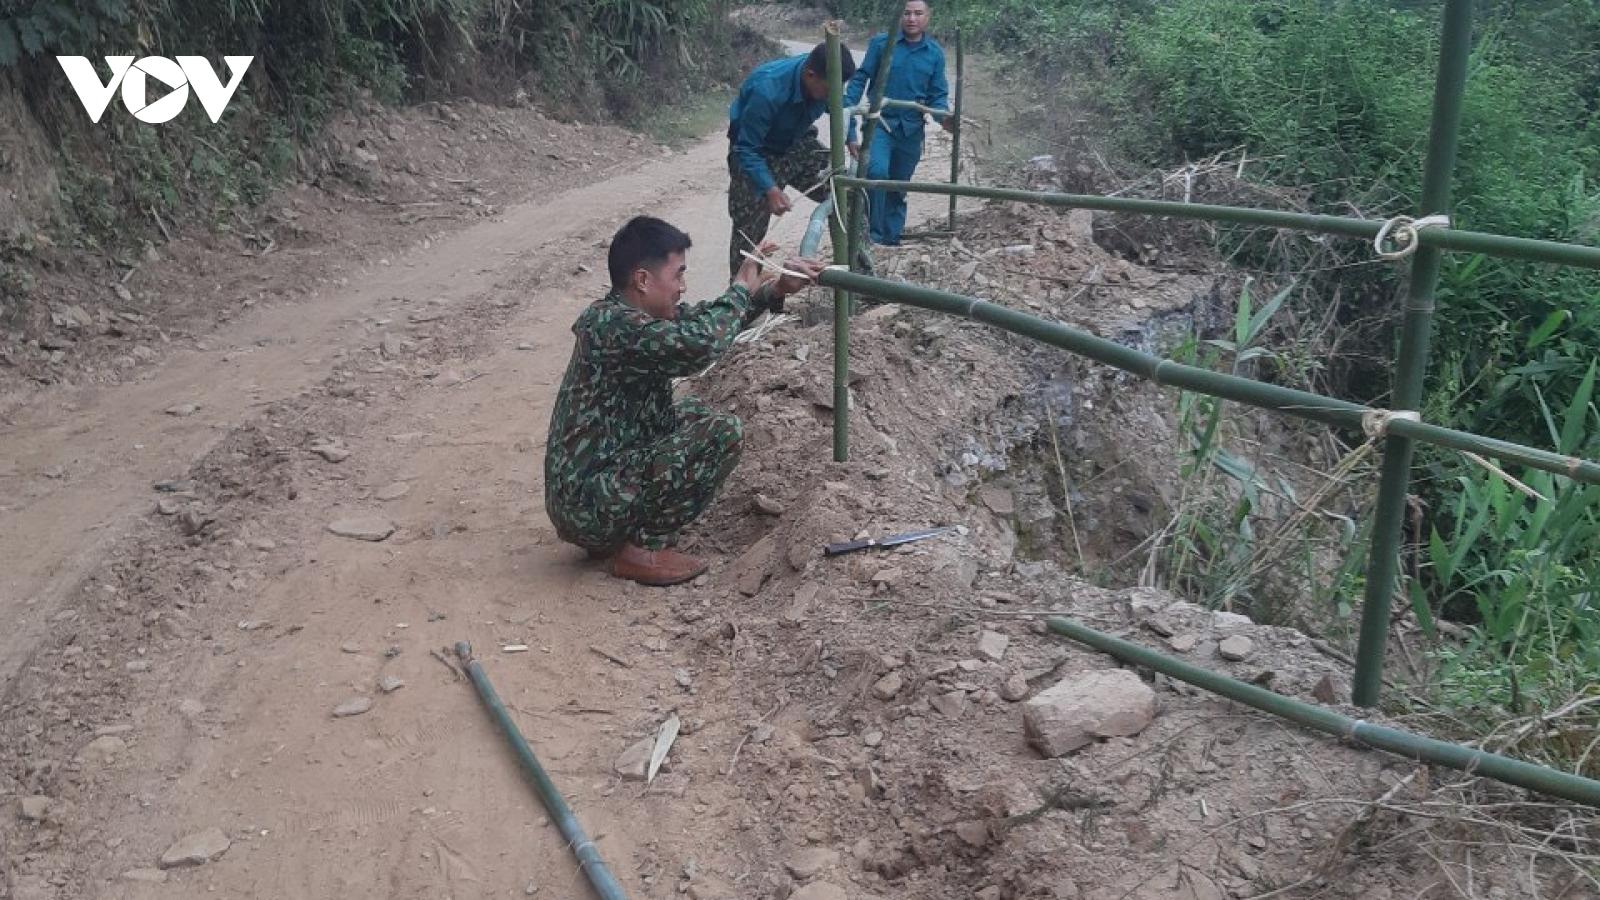 Sau phản ánh của VOV, tỉnh Sơn La khắc phục đường liên tỉnh